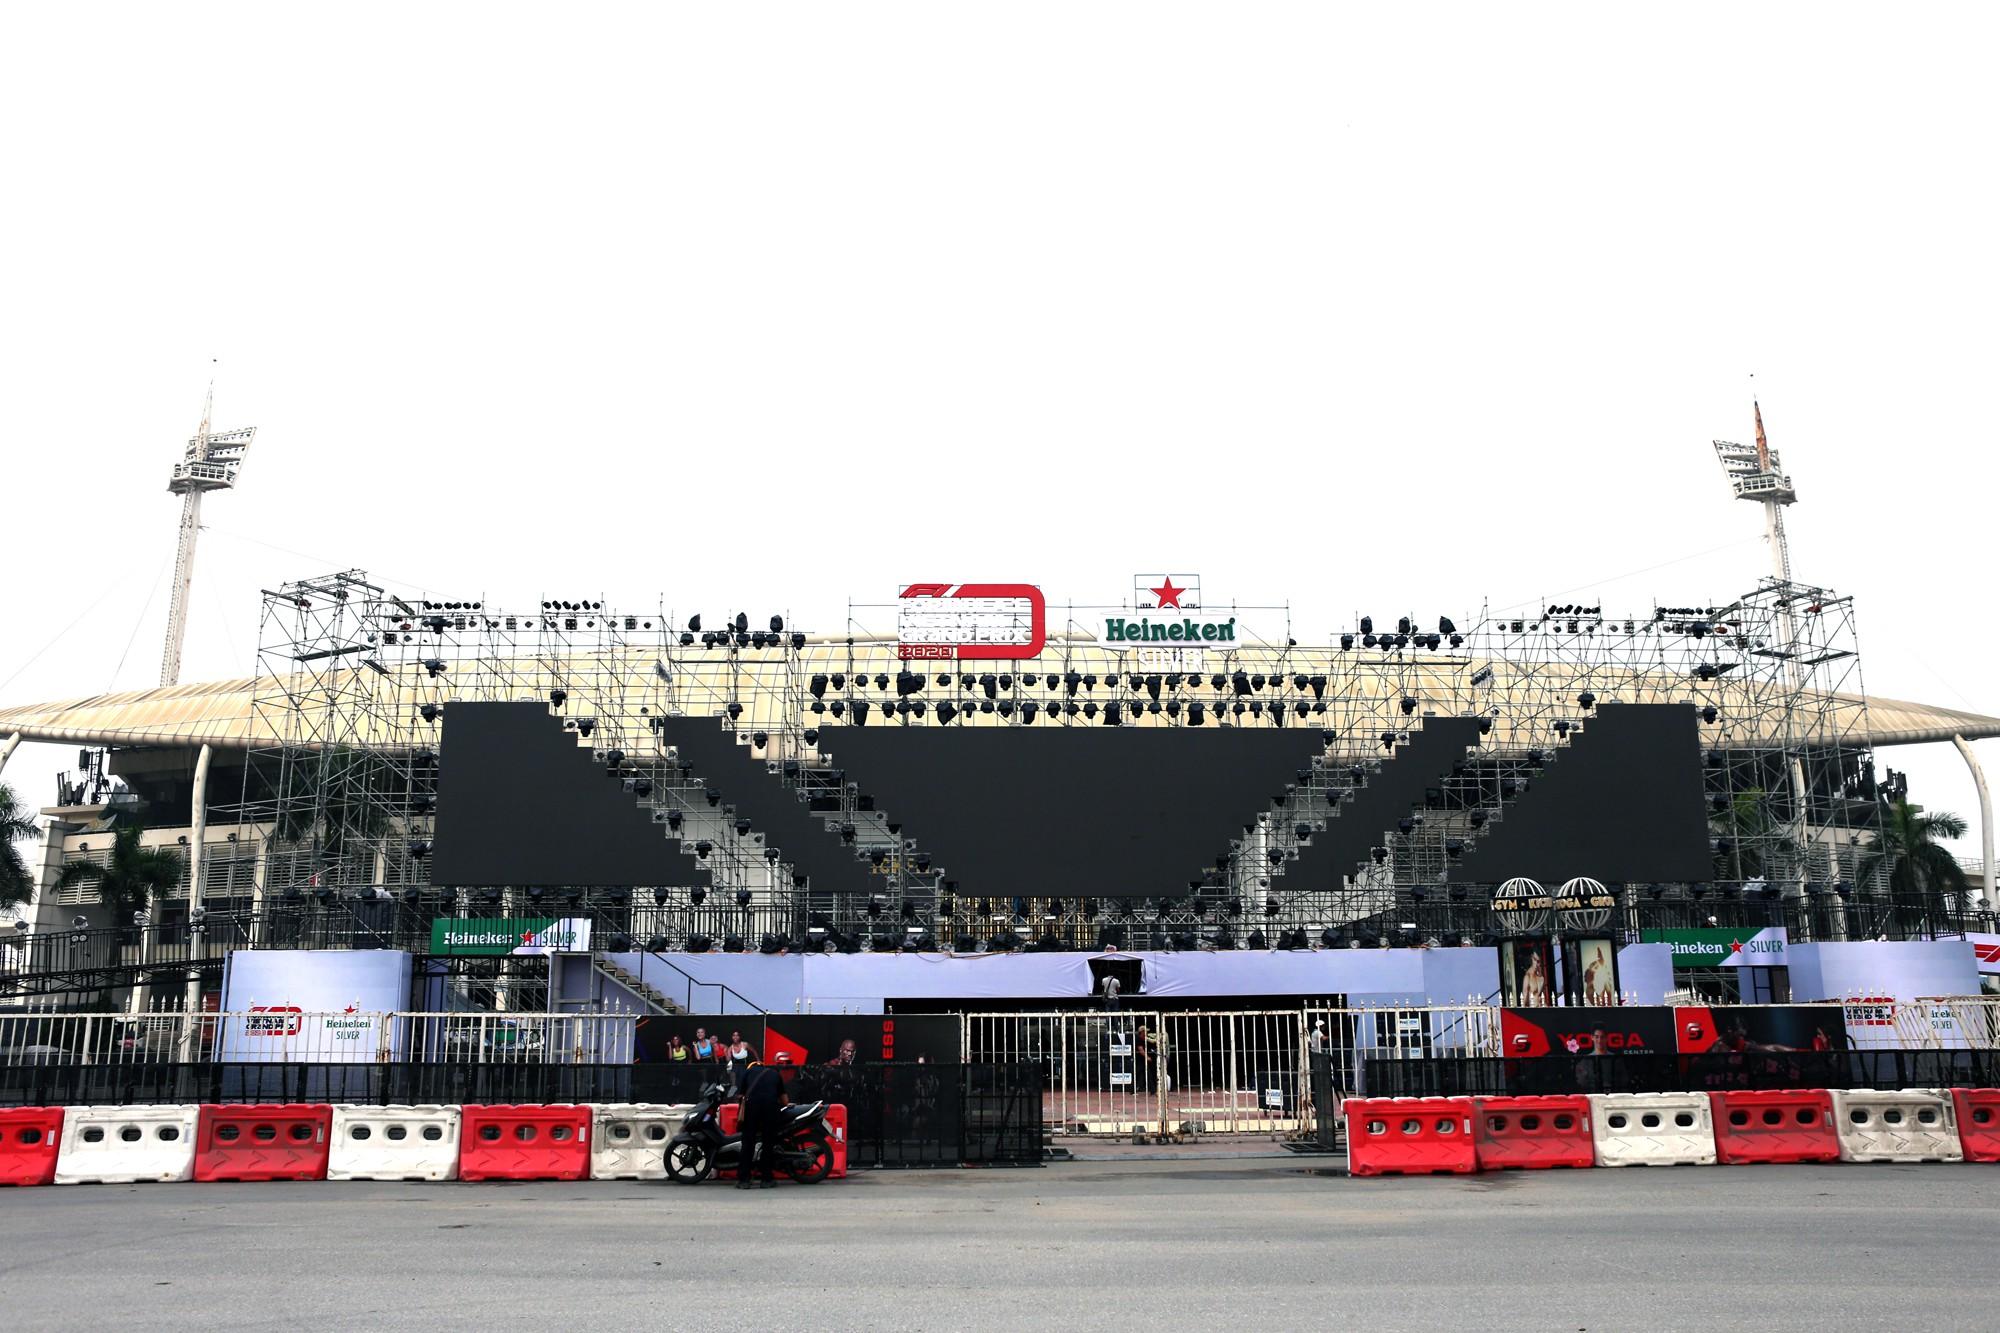 Cận cảnh nơi xe đua F1 sắp trình diễn ở sân vận động Mỹ Đình - Ảnh 2.